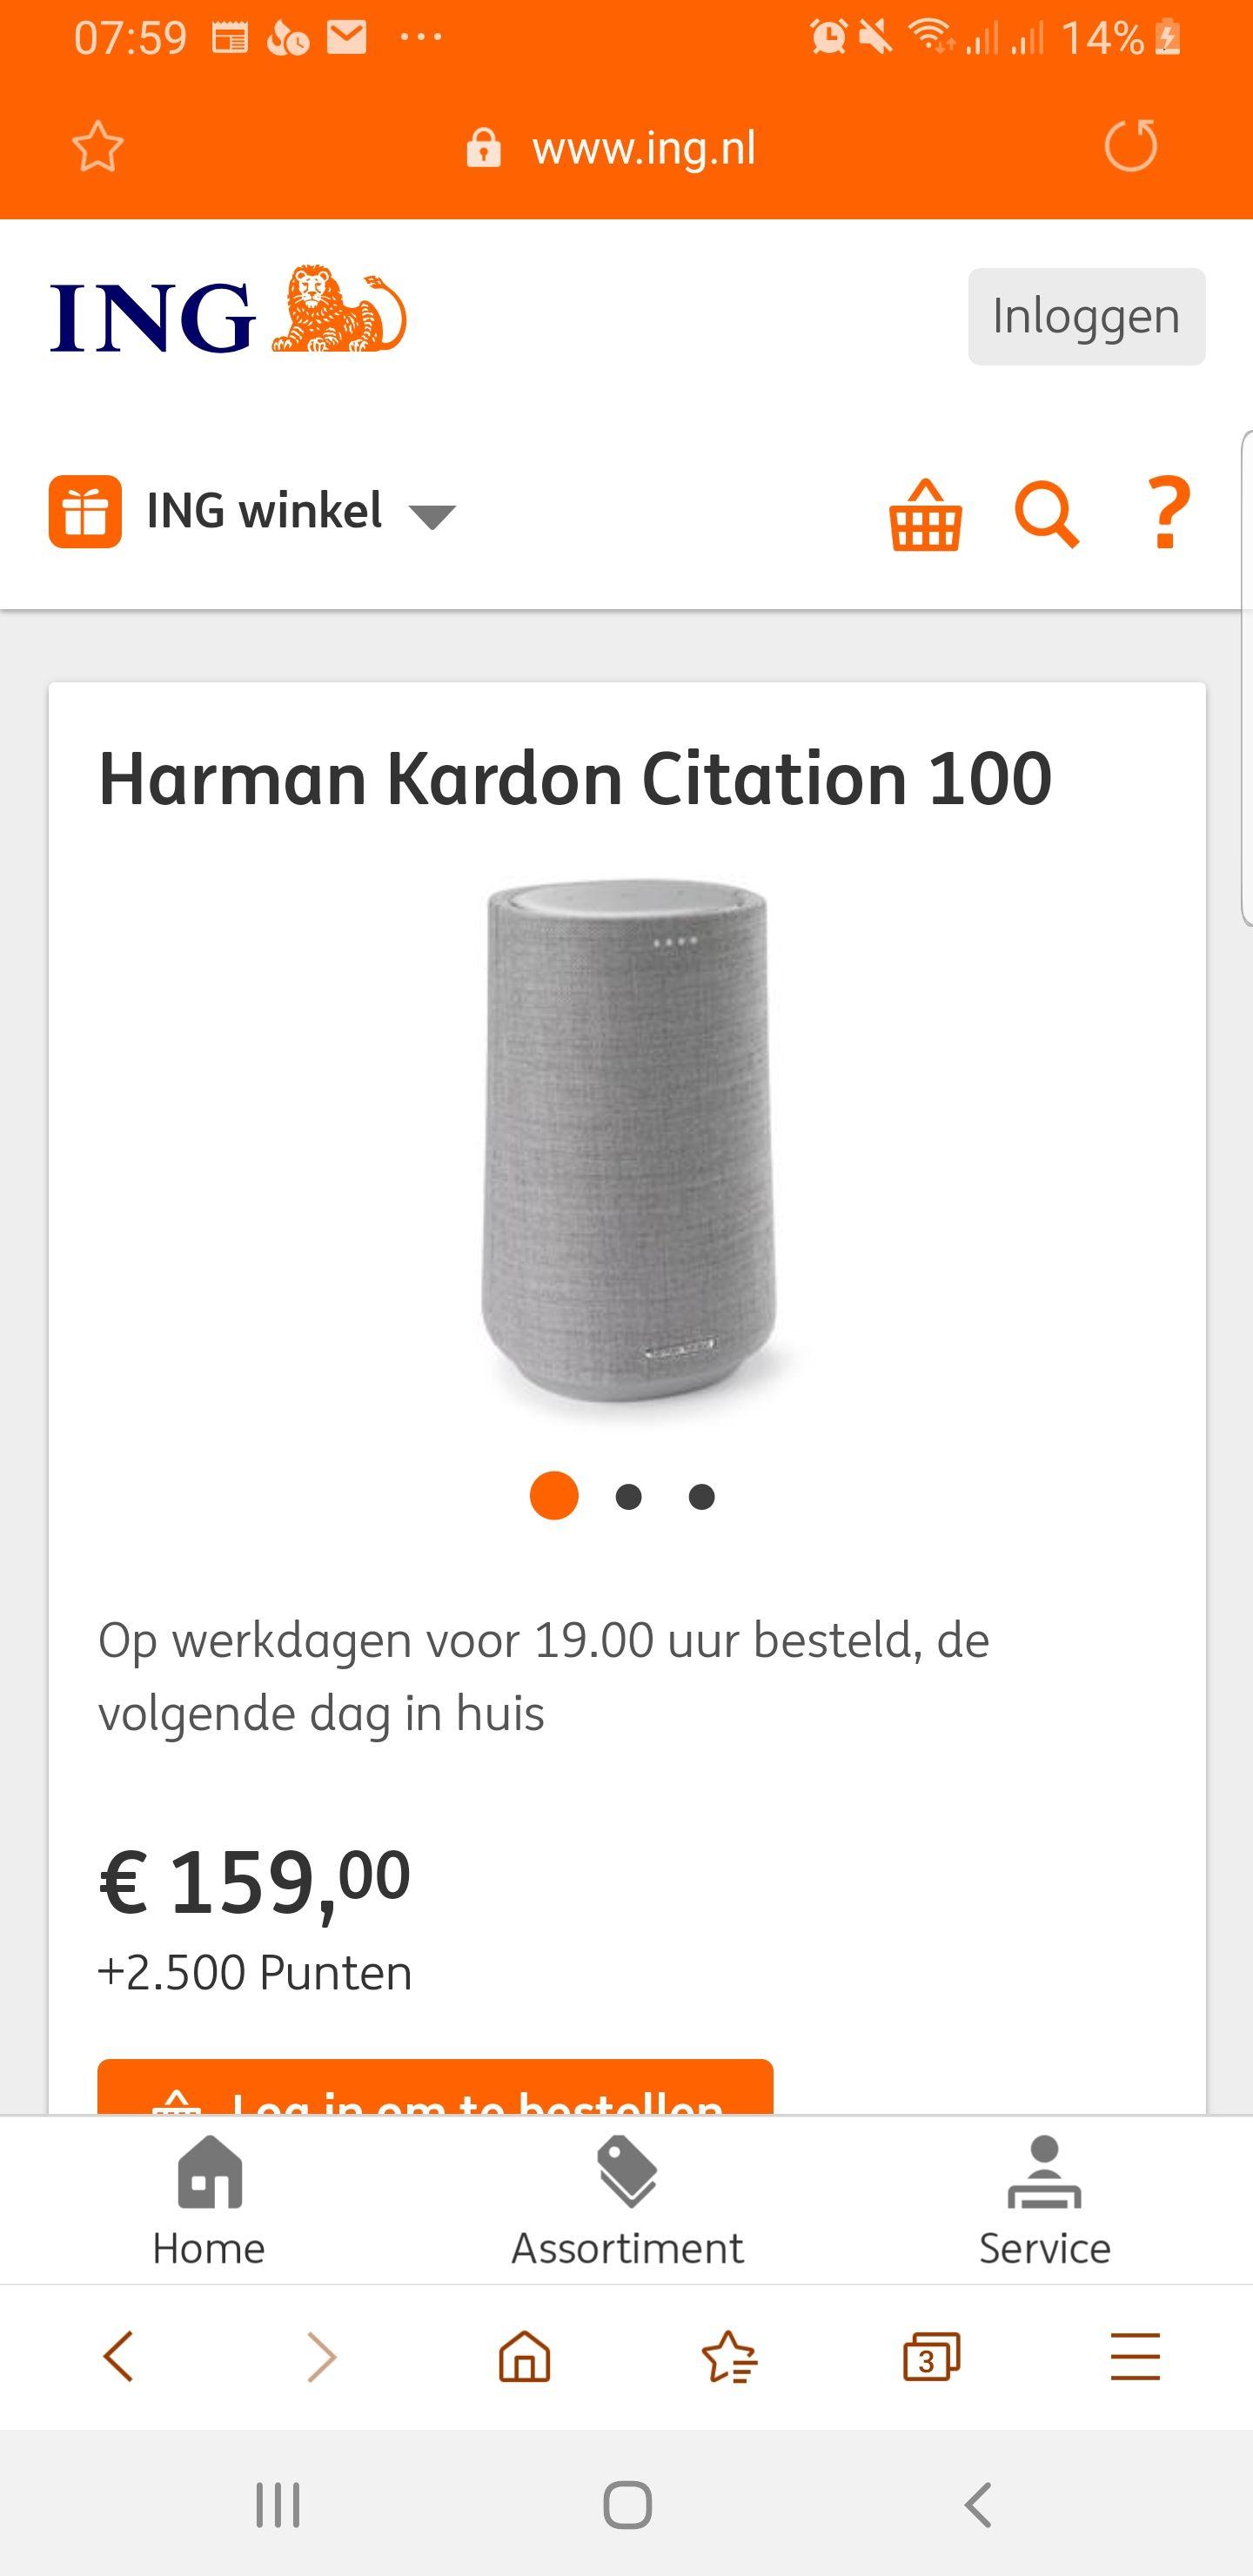 voor 2500 ING punten + €159,- Harman Kardon Citation 100